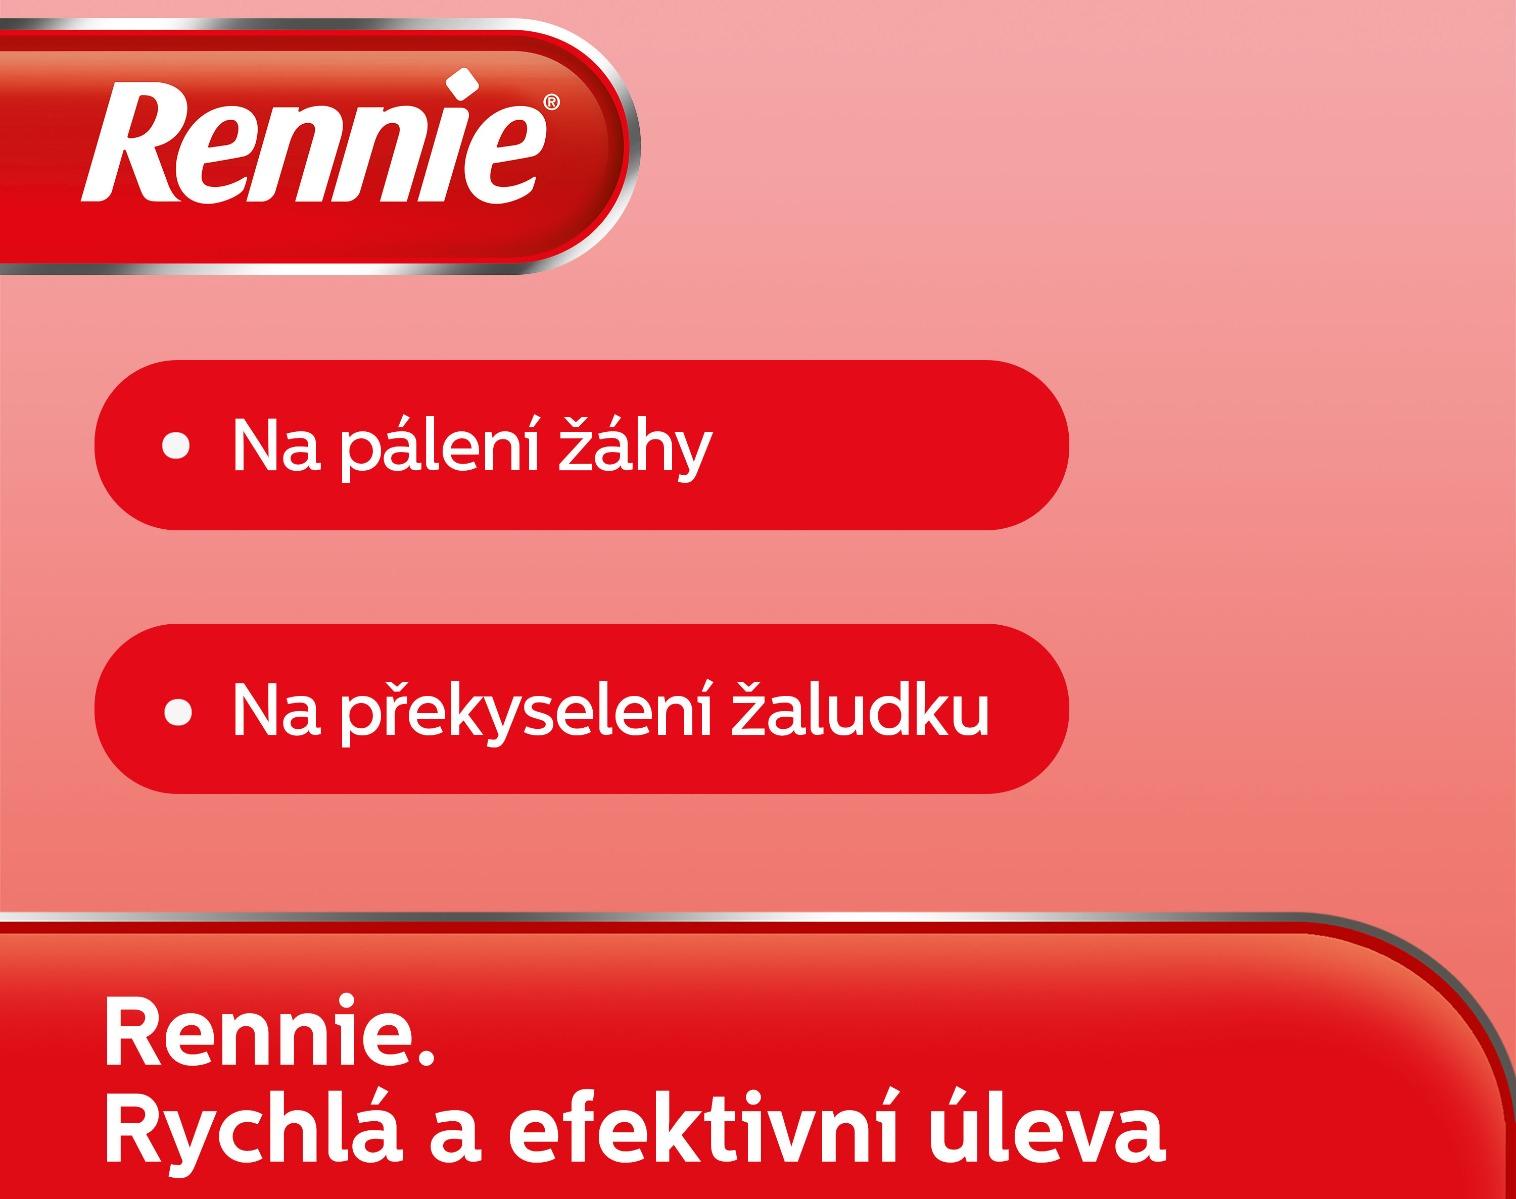 Rennie 48 žvýkacích tabletaaaa